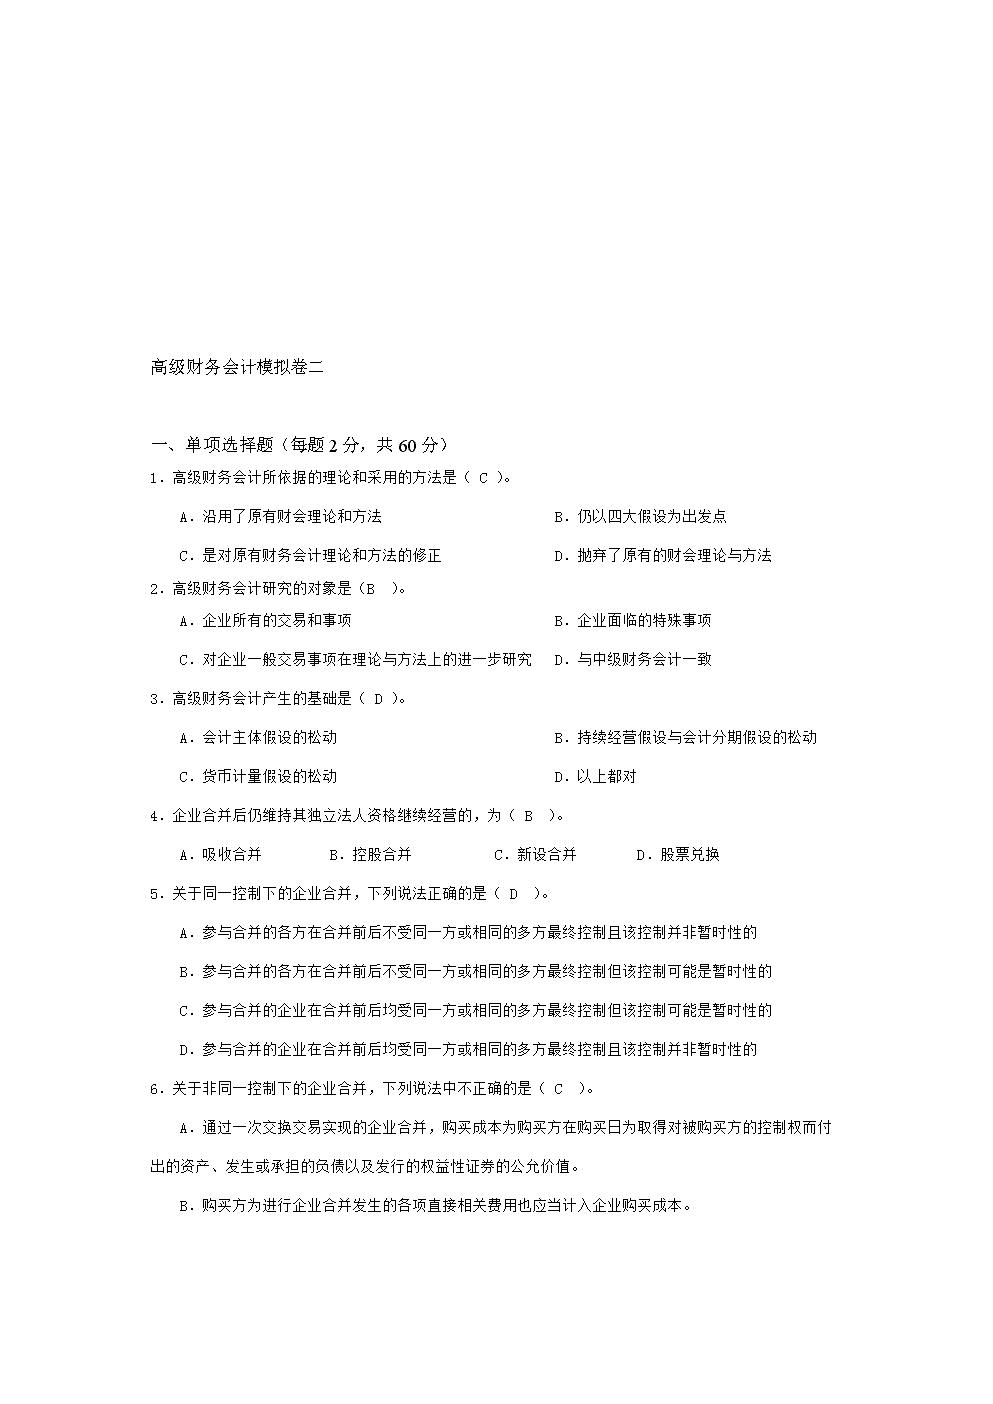 高级财务会计模拟卷二.doc